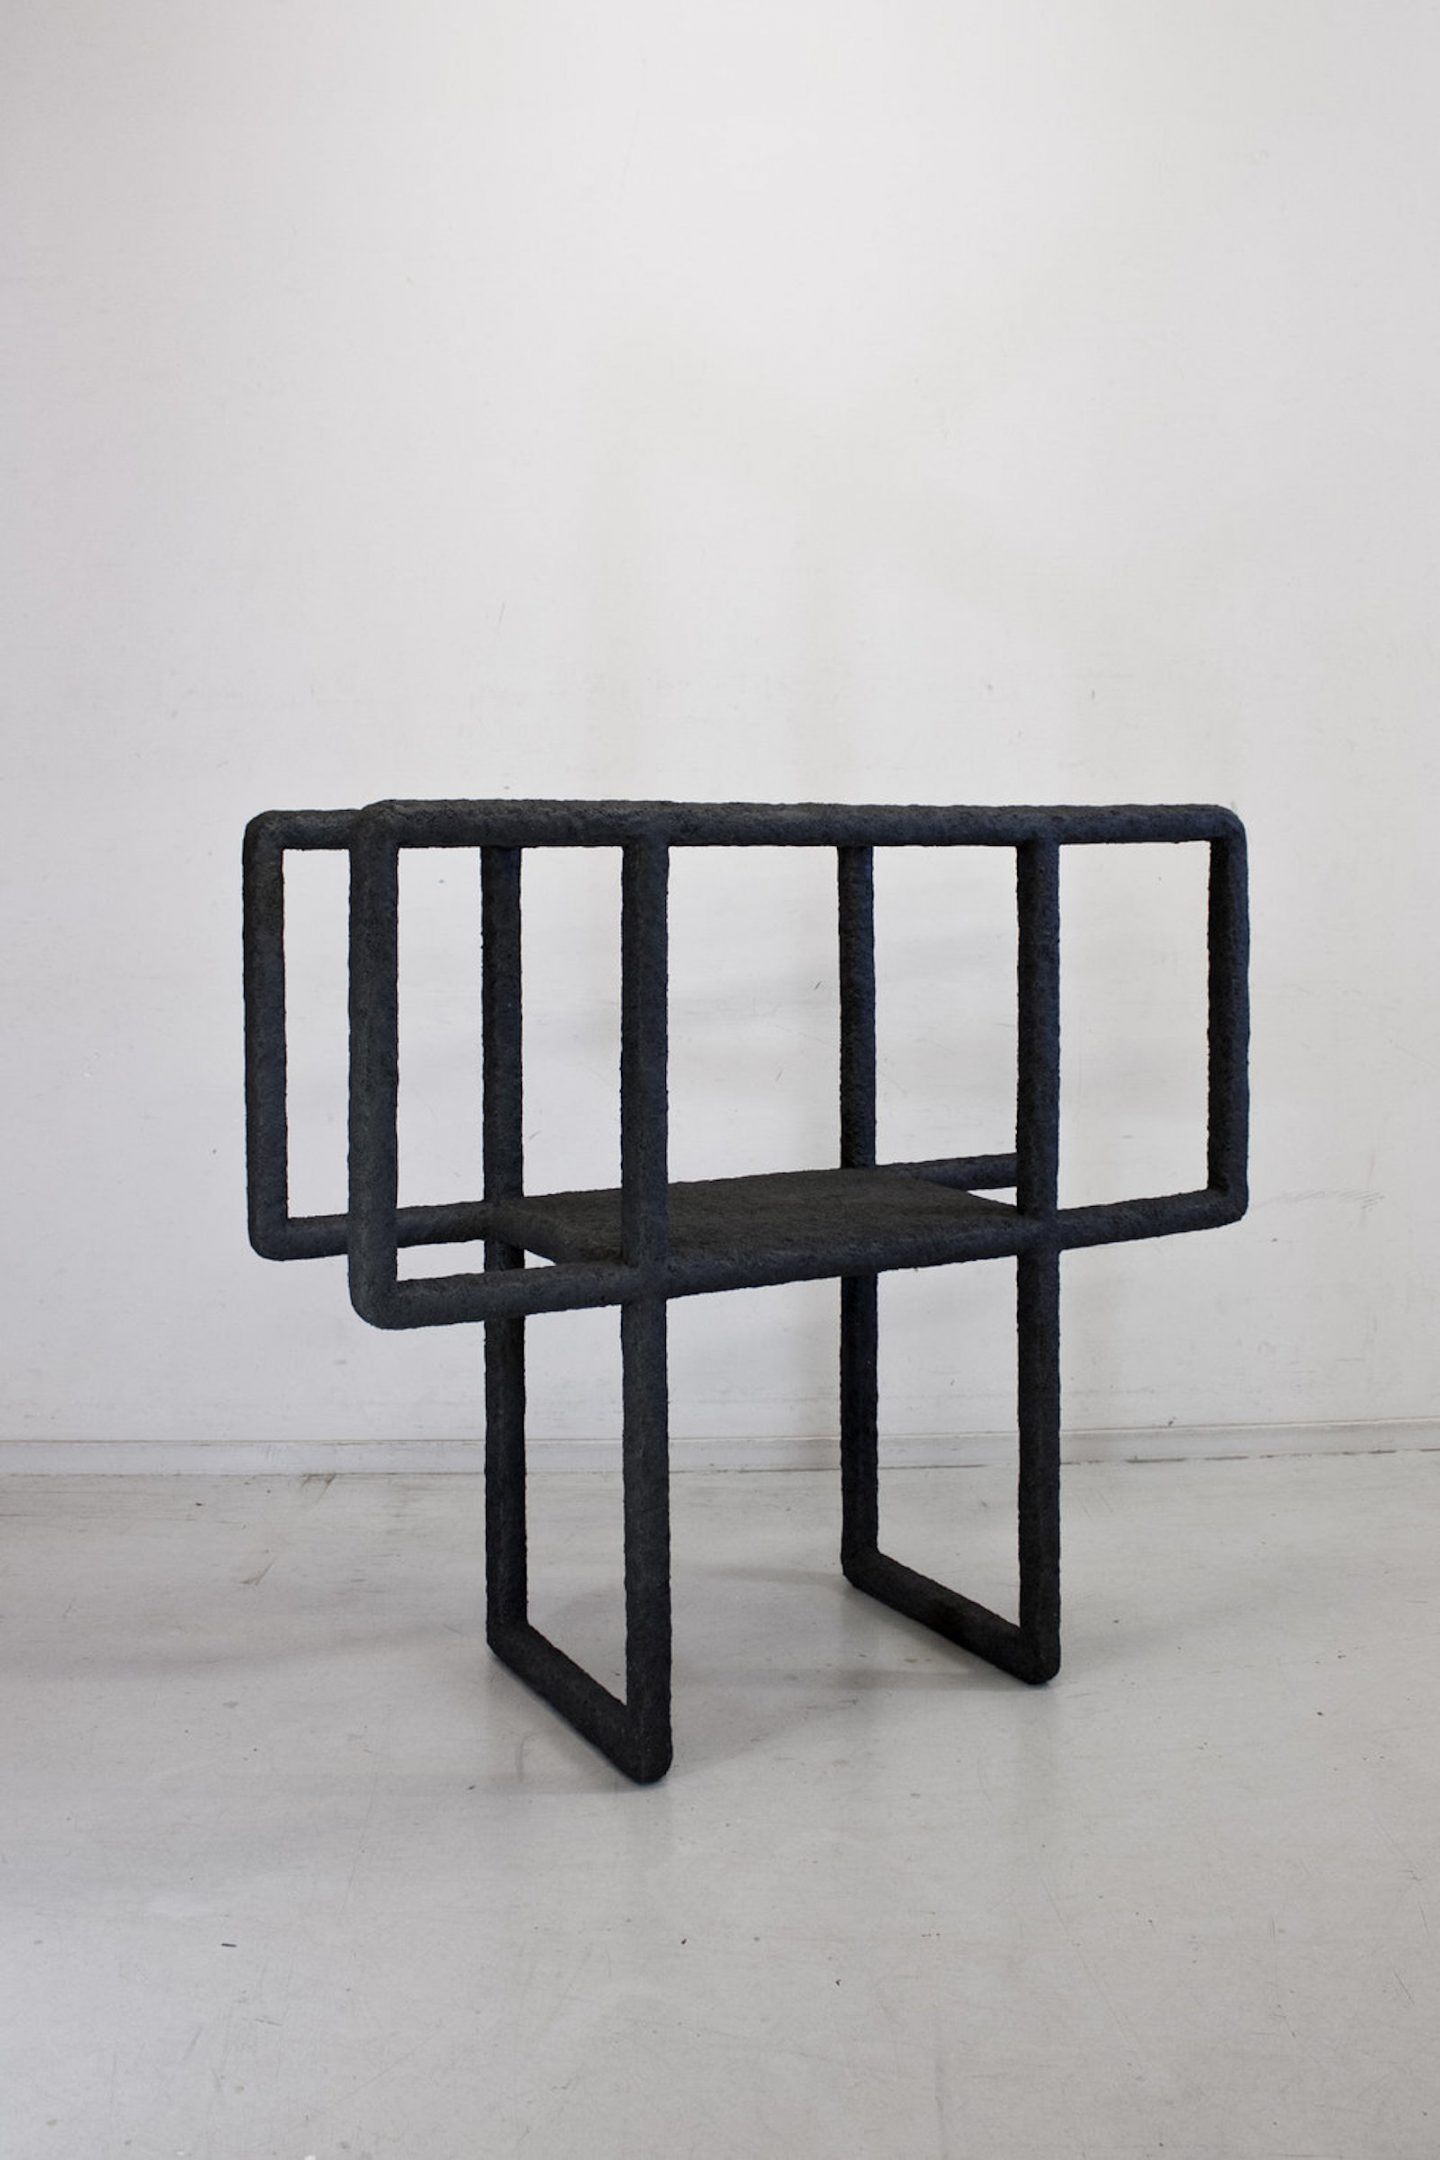 IGNANT-Design-Stine-Mikkelsen-006